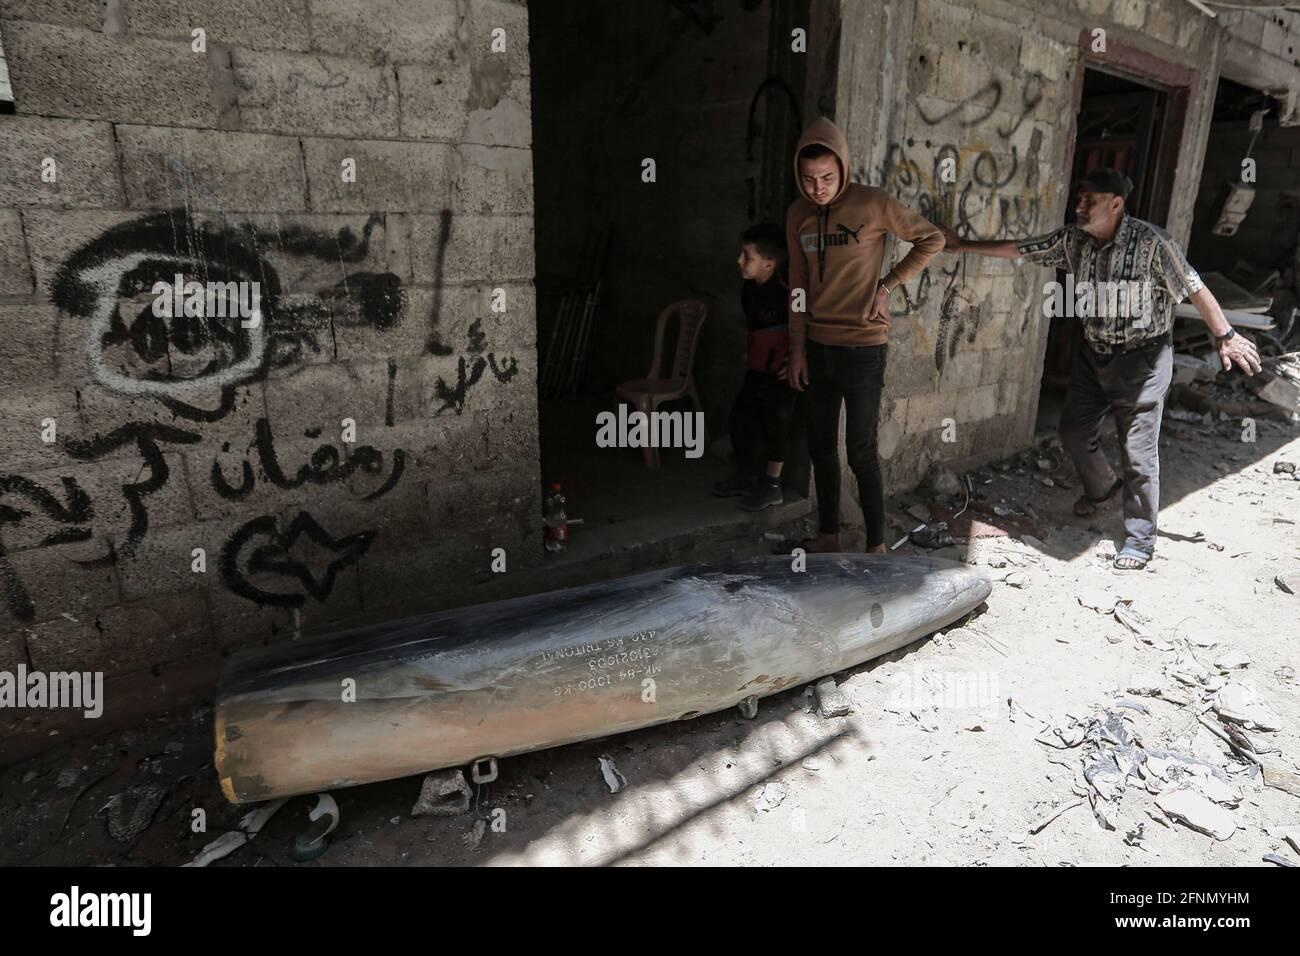 Gaza, territori palestinesi. 18 maggio 2021. I palestinesi ispezionano una bomba inesplosa caduta da un aereo da guerra israeliano F-16 nel quartiere di Rimal, in mezzo all'escalation della violenza israelo-palestinese. Credit: Mohammed Talatene/dpa/Alamy Live News Foto Stock